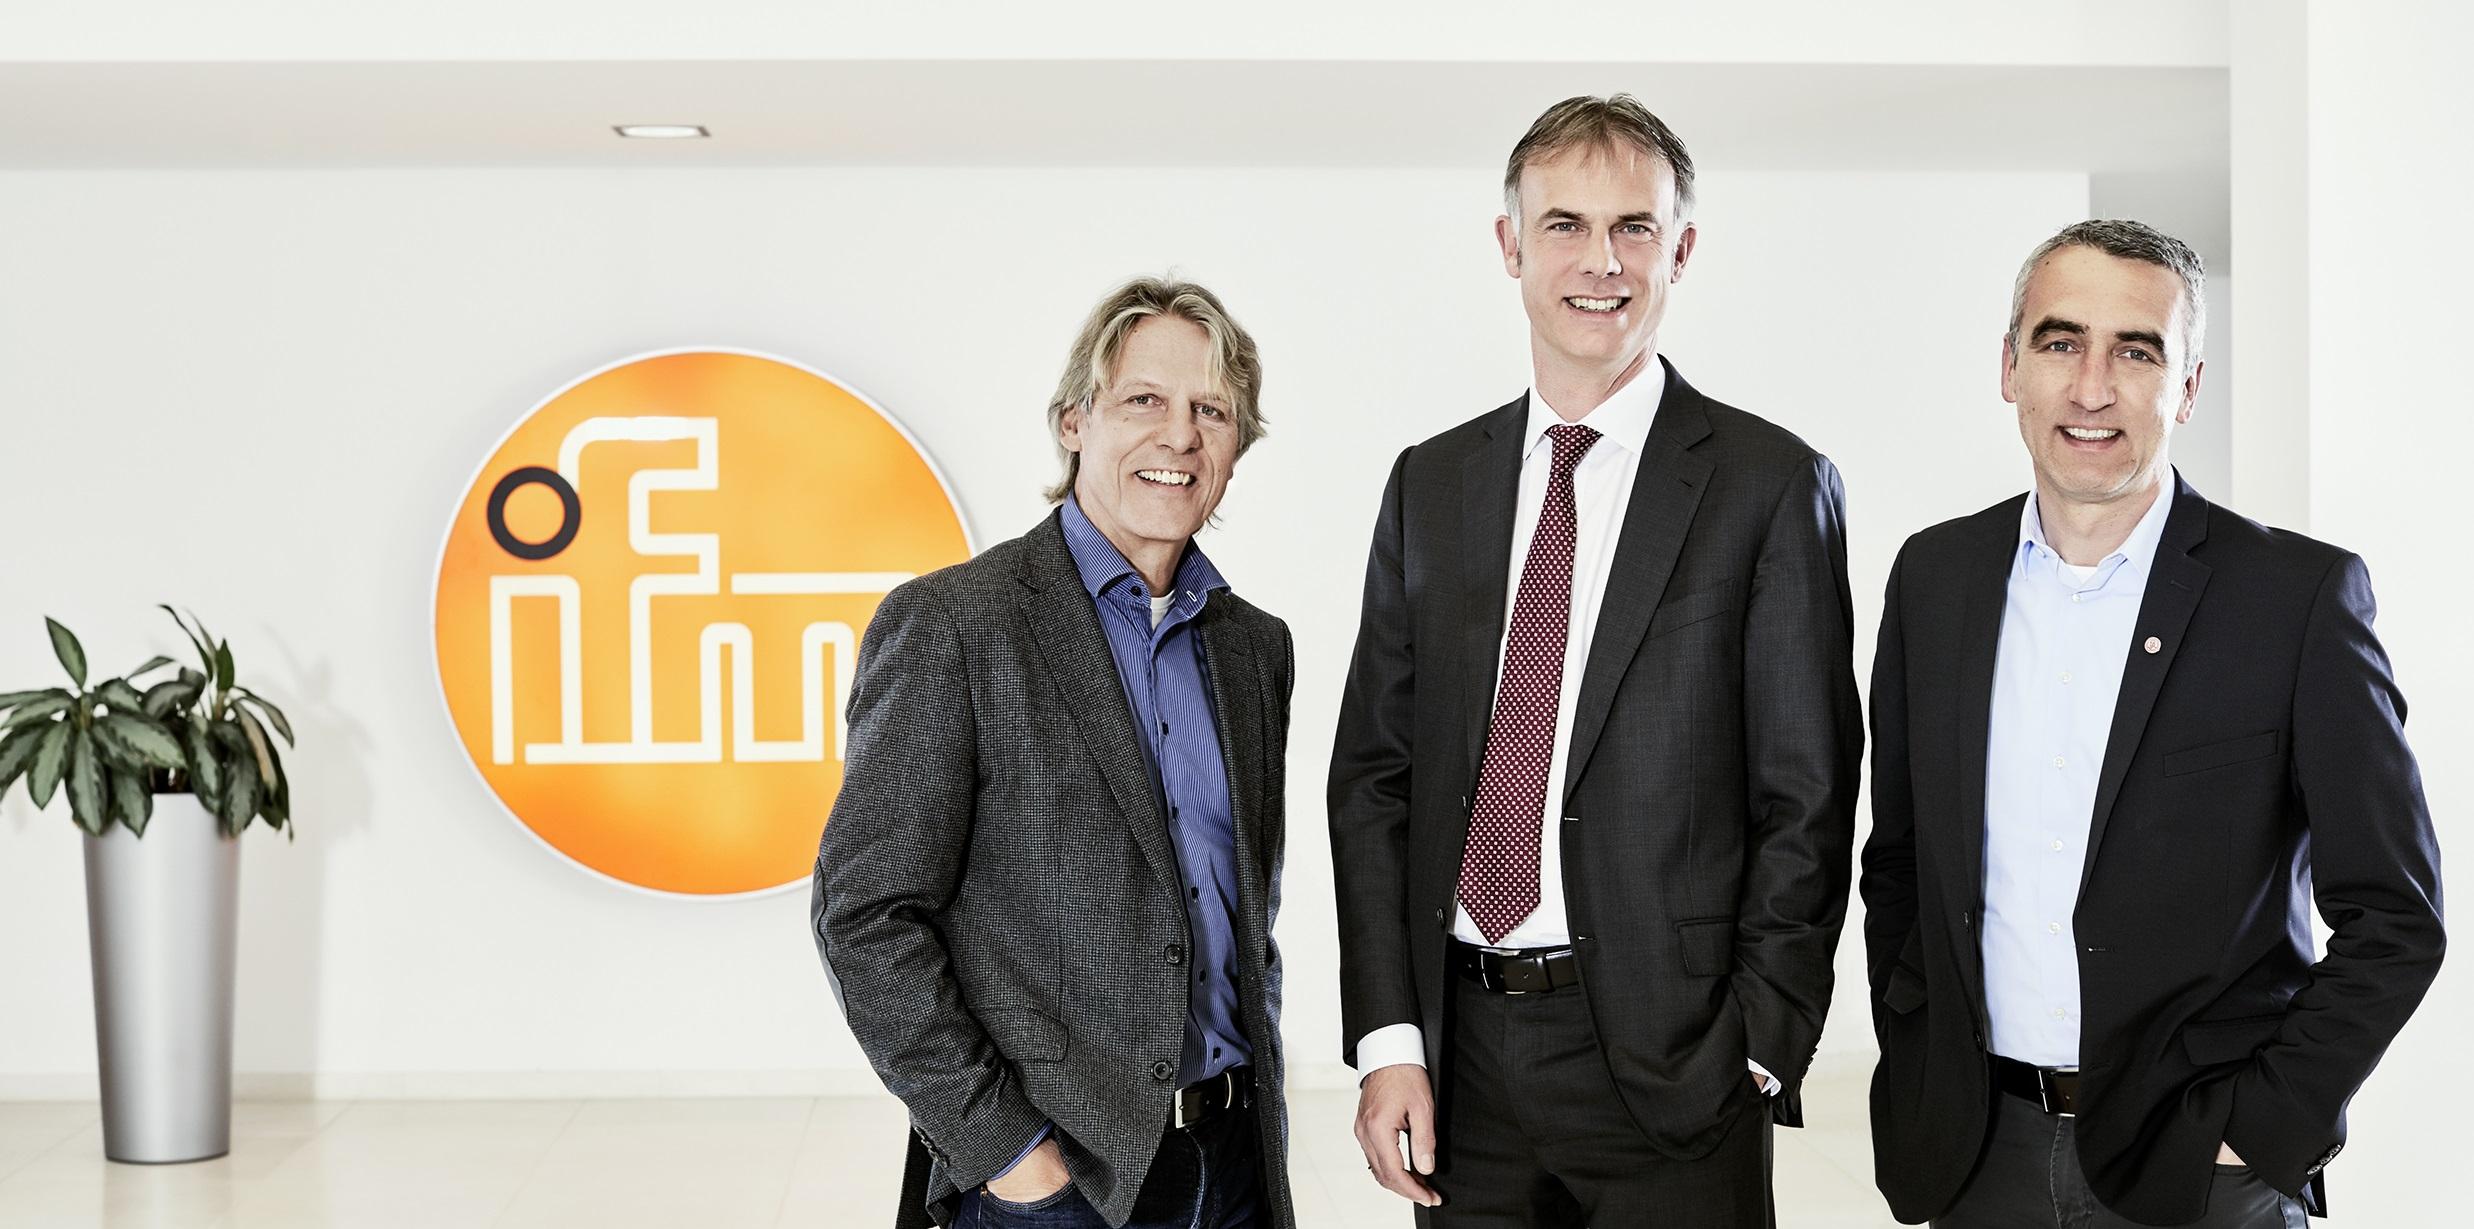 Die Vorstände Michael Marhofer (m.) und Marcus Uhlig (re.) sowie Rainer Koch im ifm-Hauptsitz.